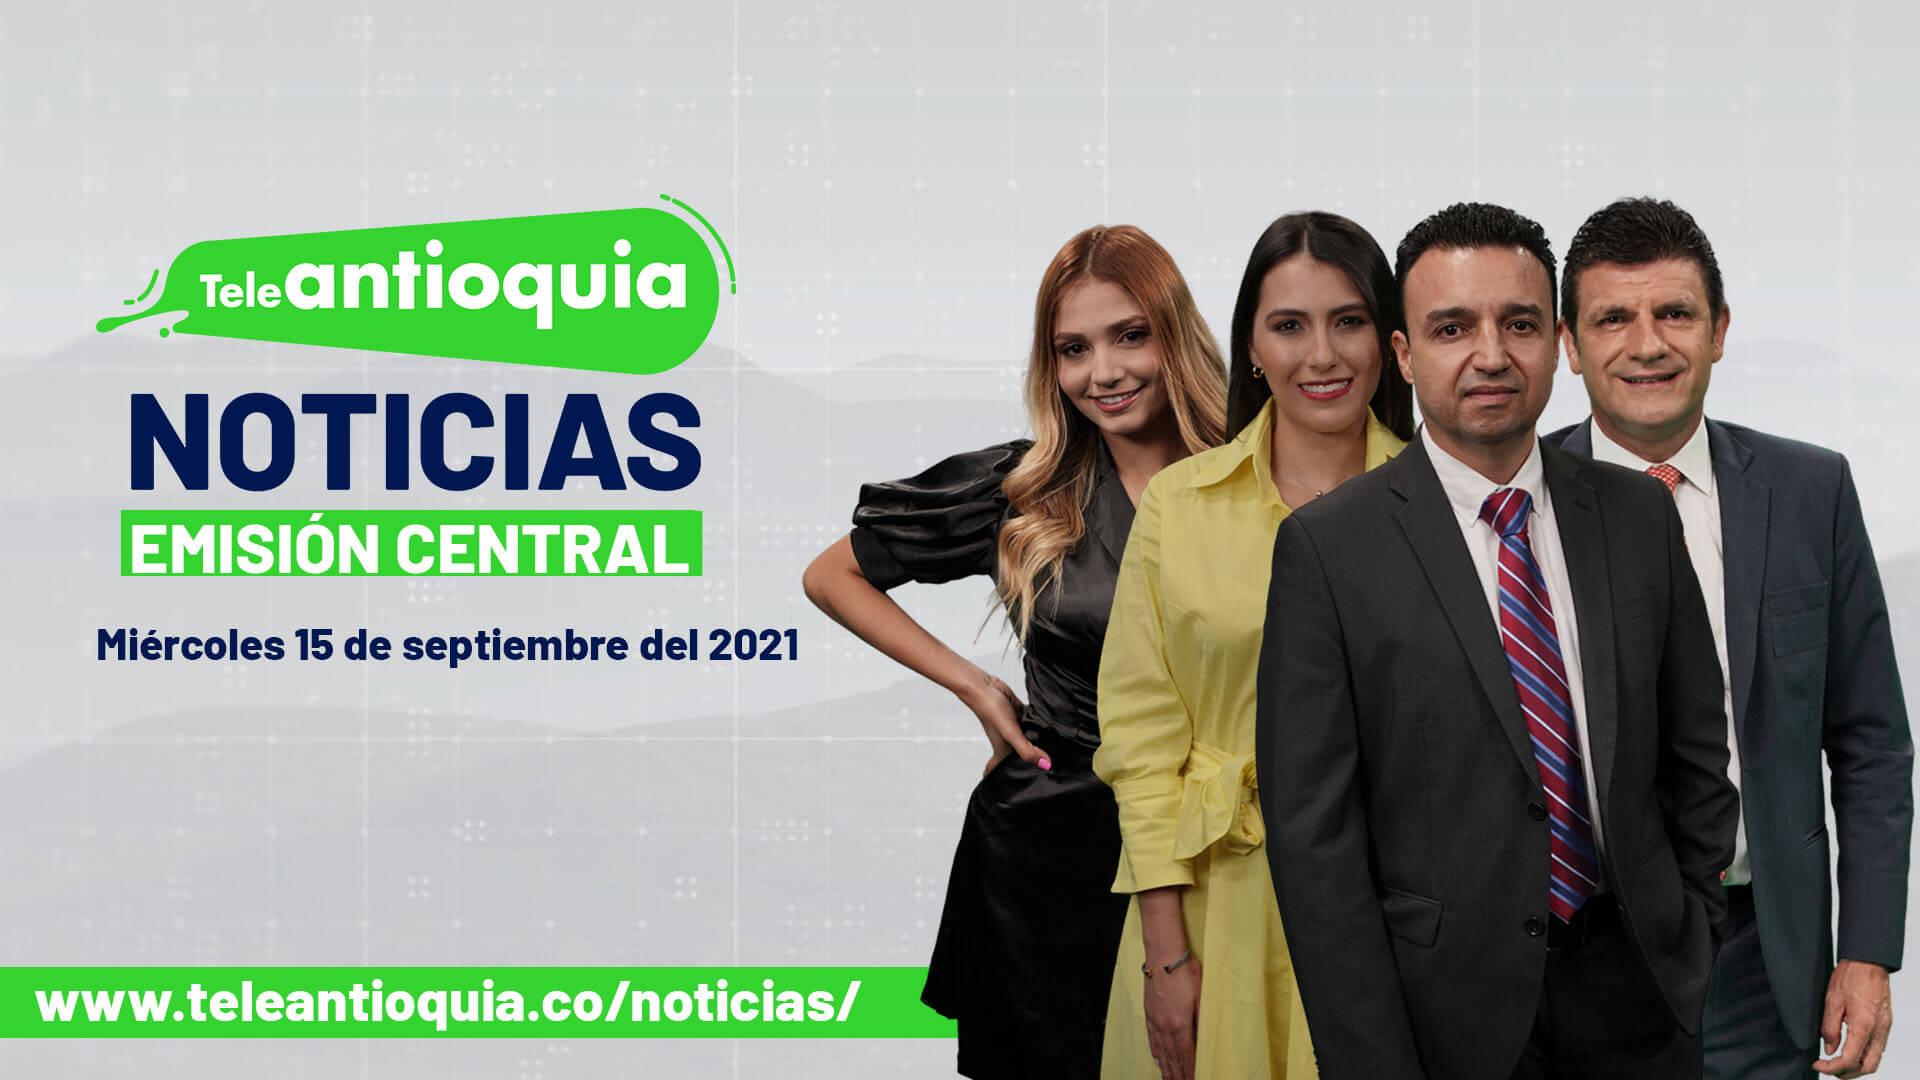 Teleantioquia Noticias - miércoles 15 de septiembre de 2021